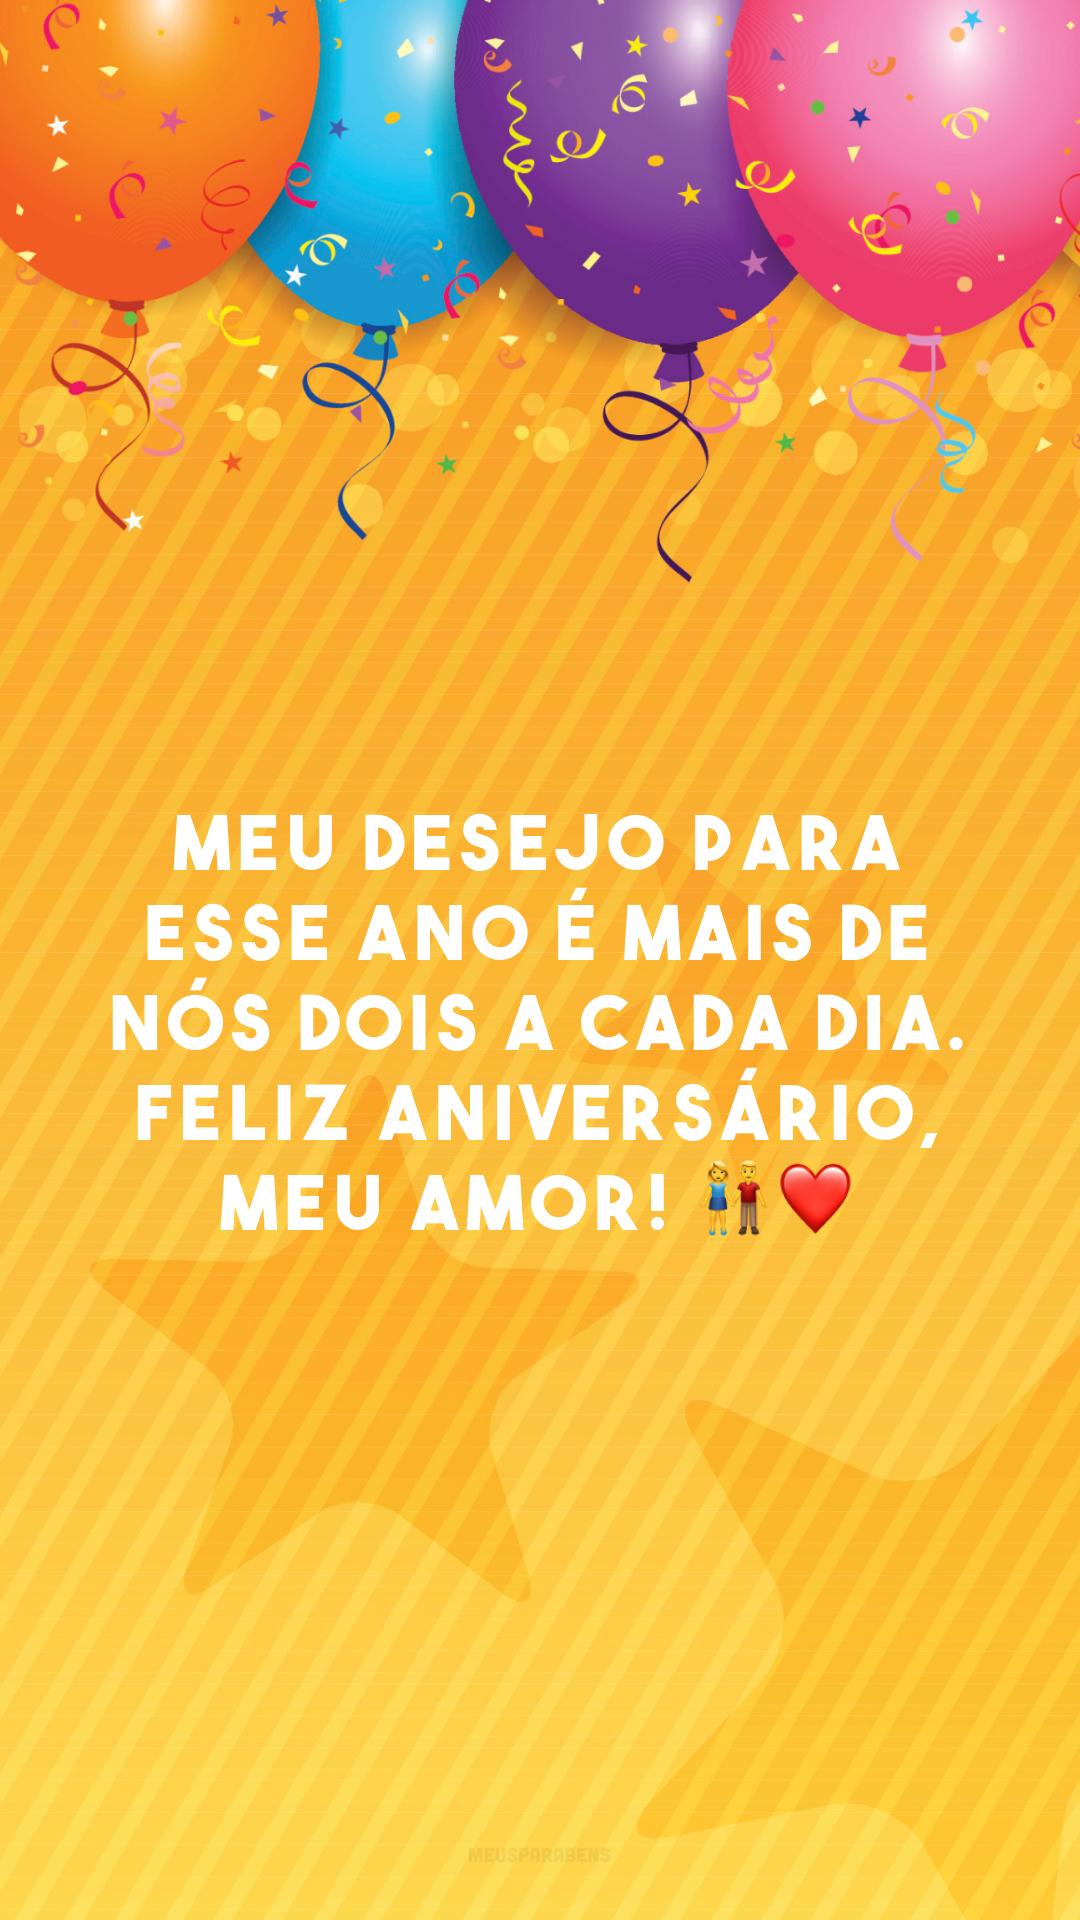 Meu desejo para esse ano é mais de nós dois a cada dia. Feliz aniversário, meu amor! 👫❤️